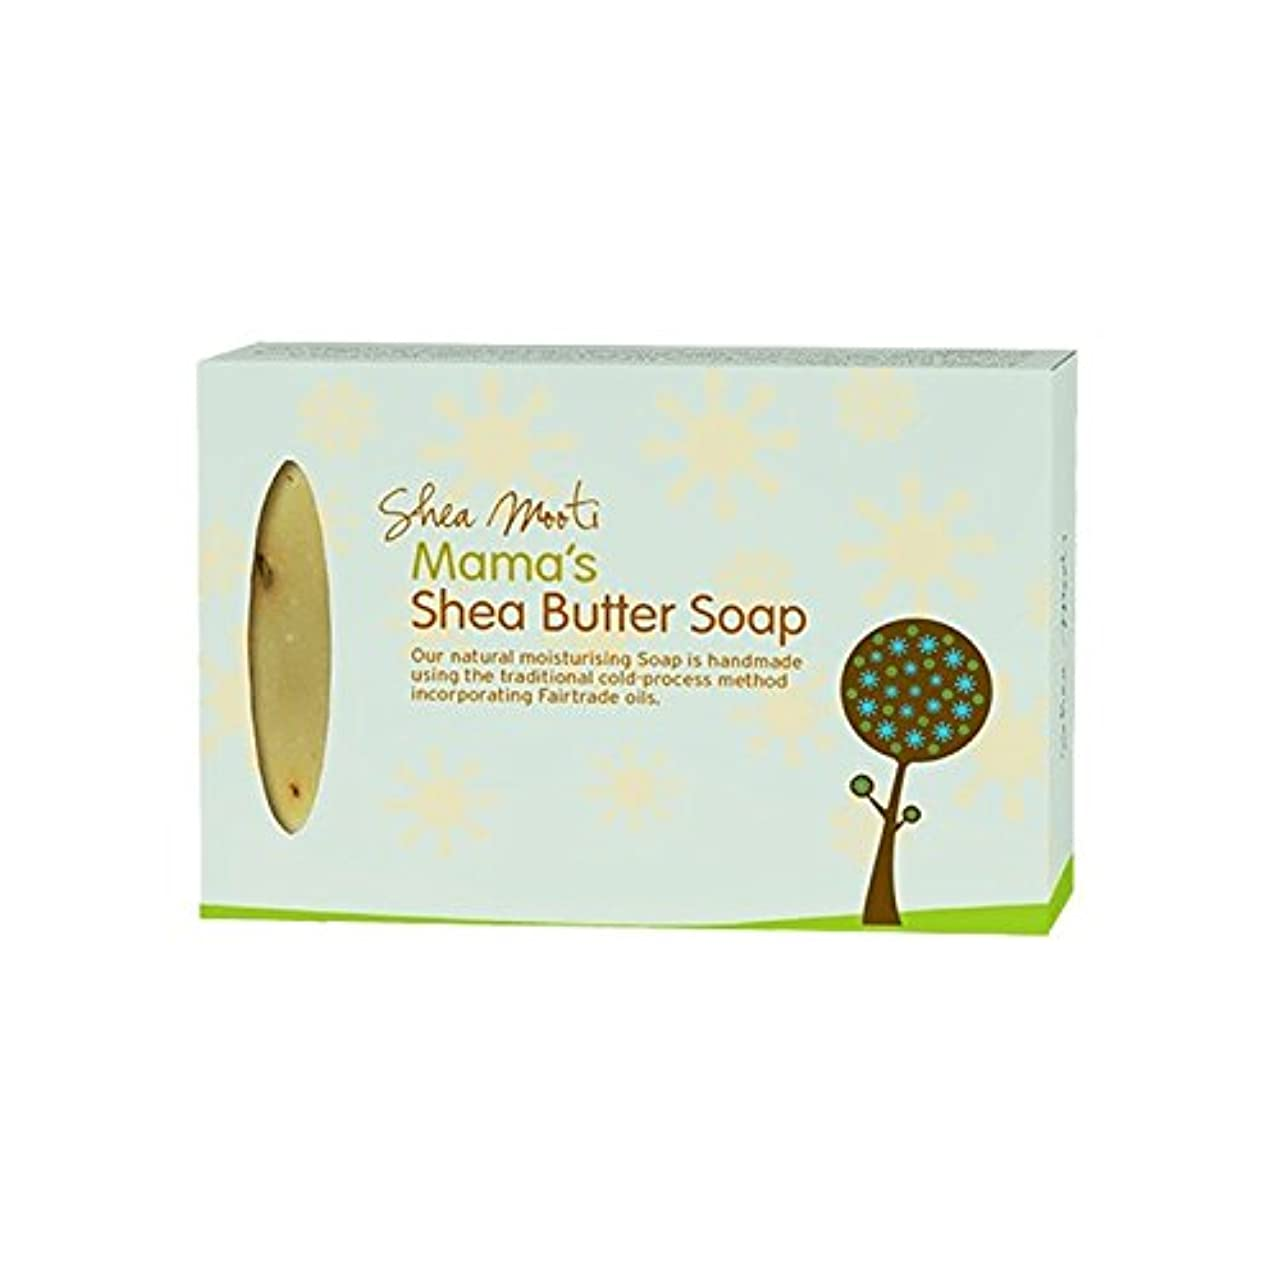 モンスター共和国魅惑的なシアバターMootiママのシアバターソープ100グラム - Shea Mooti Mama's Shea Butter Soap 100g (Shea Mooti) [並行輸入品]